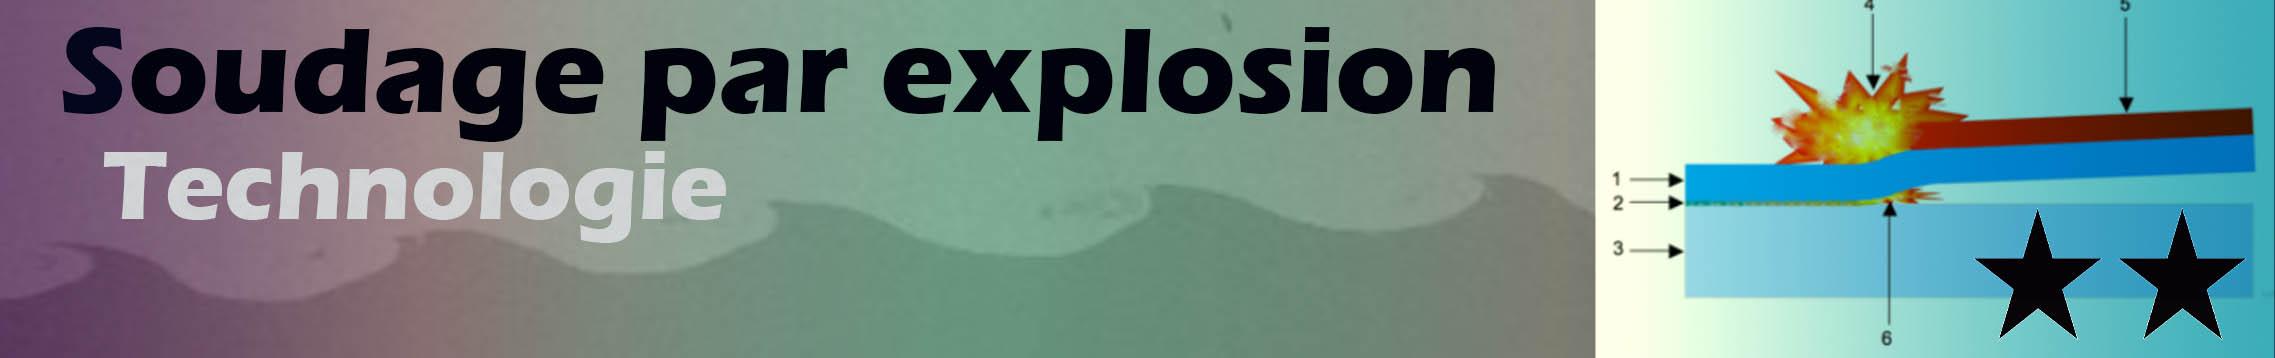 Soudage par explosion